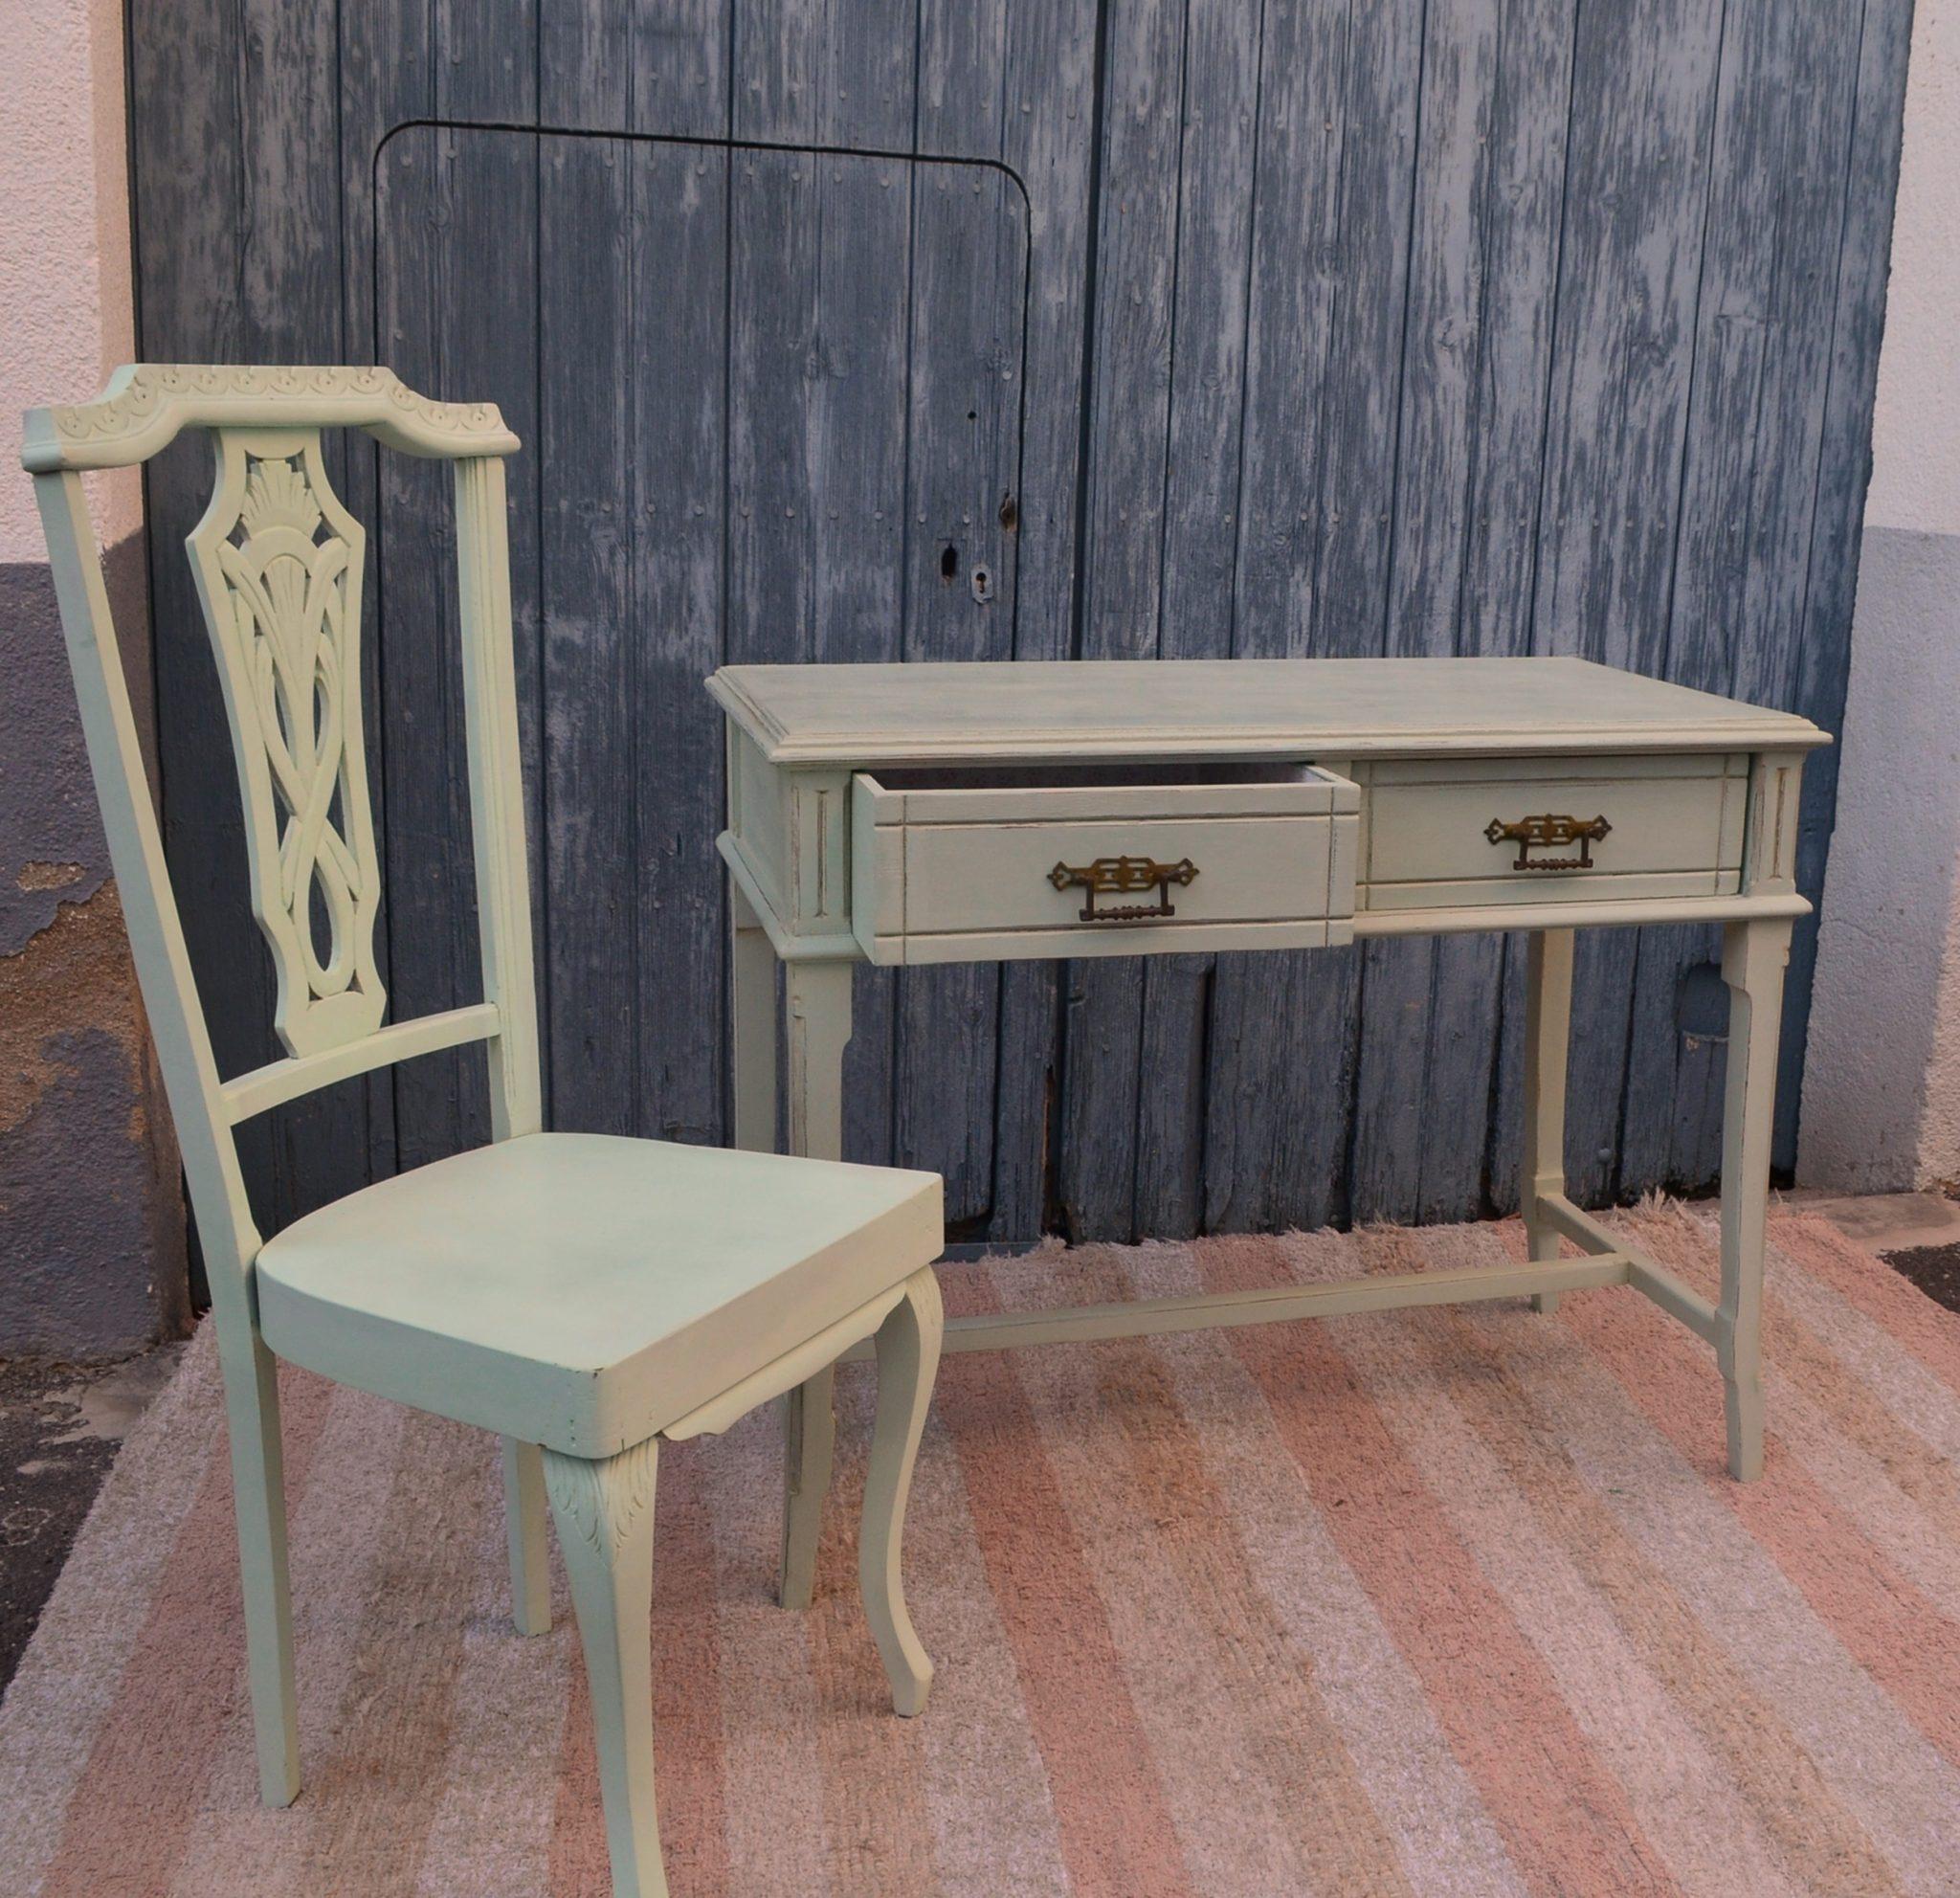 Pintura Craquelada Para Muebles : Pintura para muebles xylazel obtenga ideas diseño de